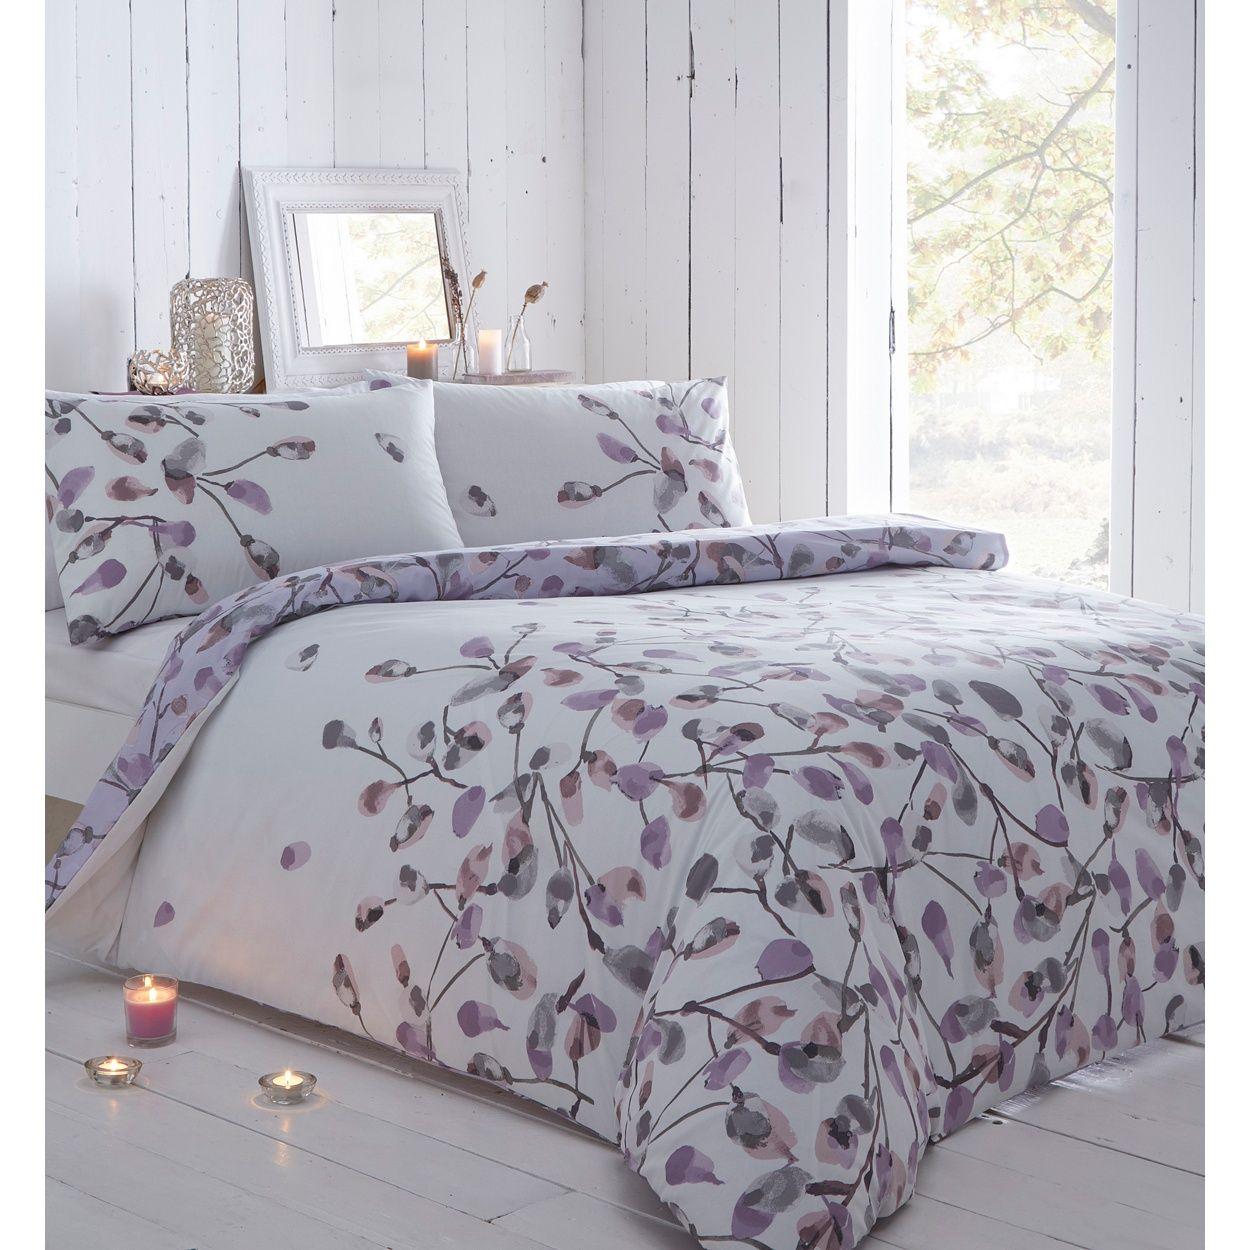 Rjr John Rocha Designer Lilac Floral Bedding Set Floral Bedding Sets Floral Bedding Vintage Bedding Set